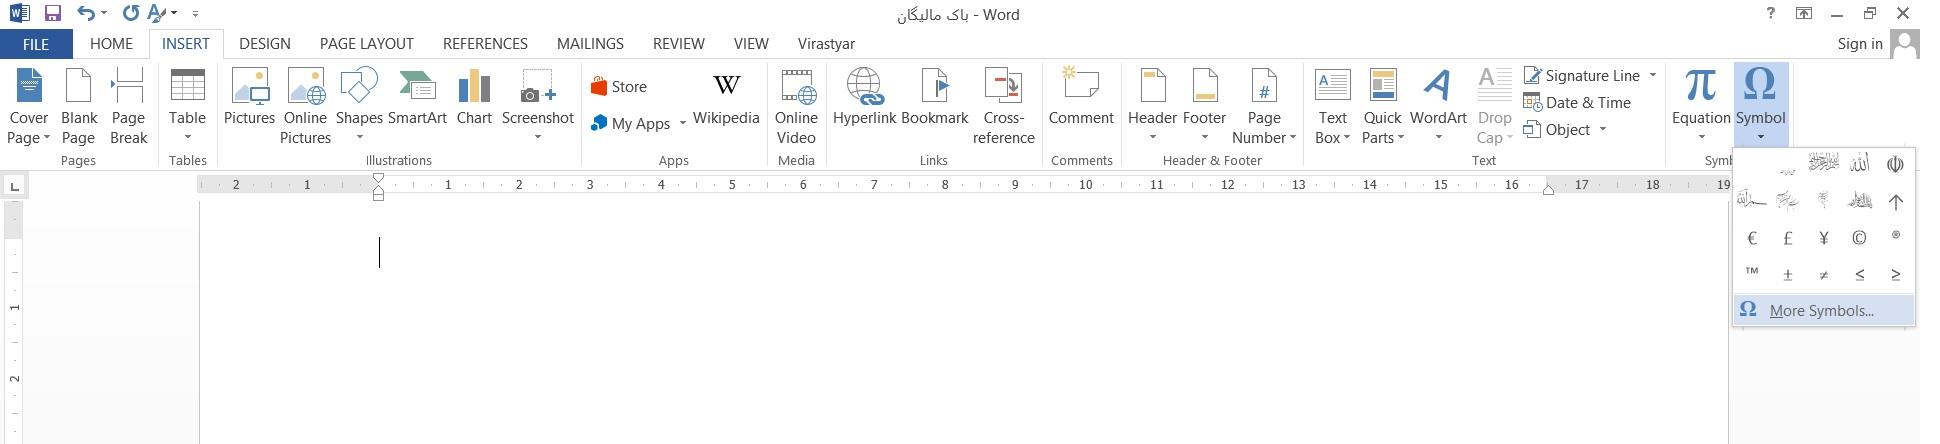 نیم فاصله استاندارد در ورد Word را چگونه تعریف کنیم؟